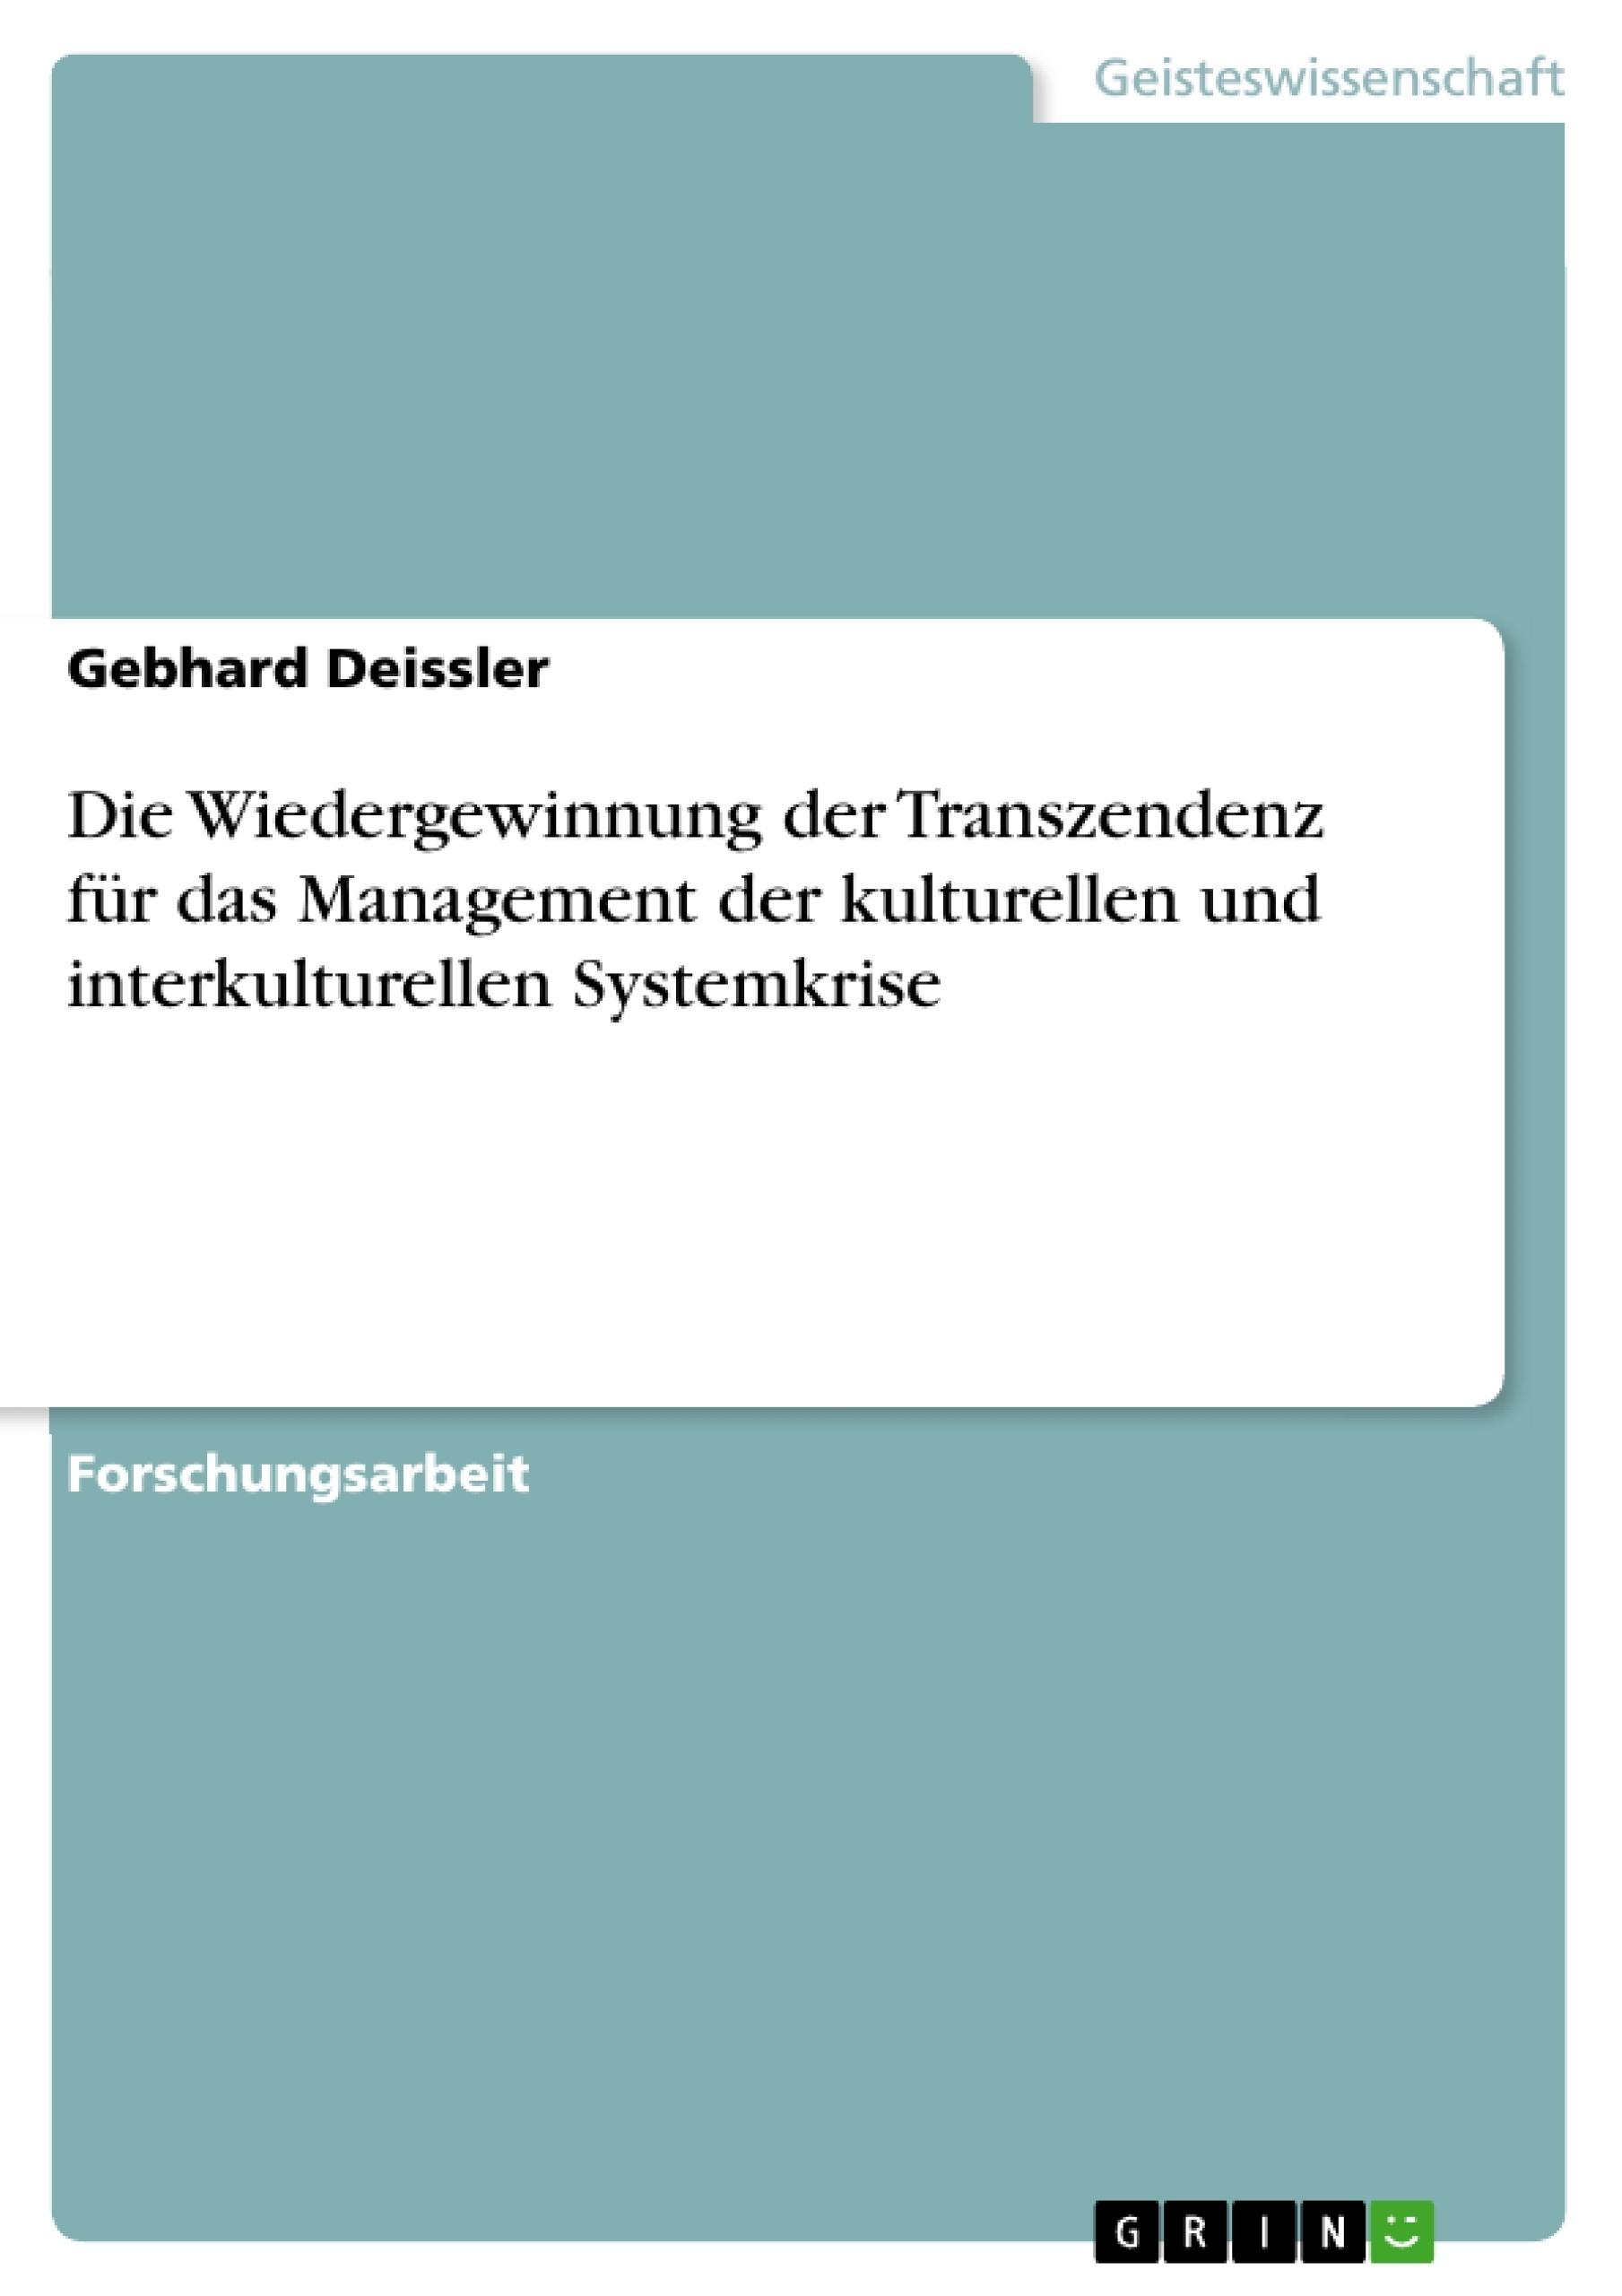 Titel: Die Wiedergewinnung der Transzendenz für das Management der kulturellen und interkulturellen Systemkrise